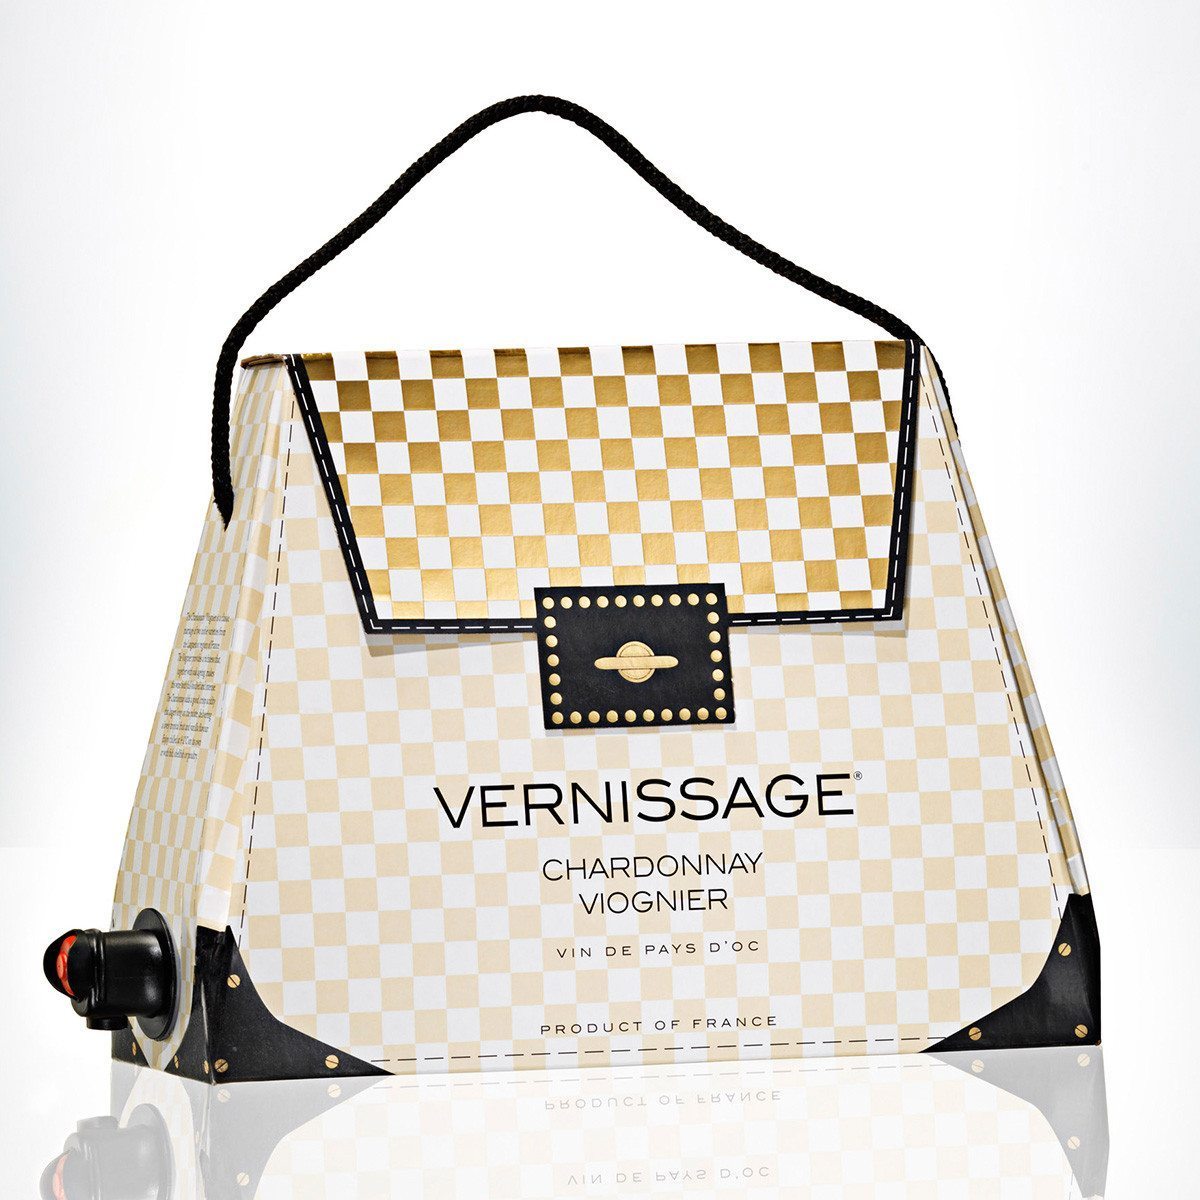 Glamour pur - Die Wein-Handtasche